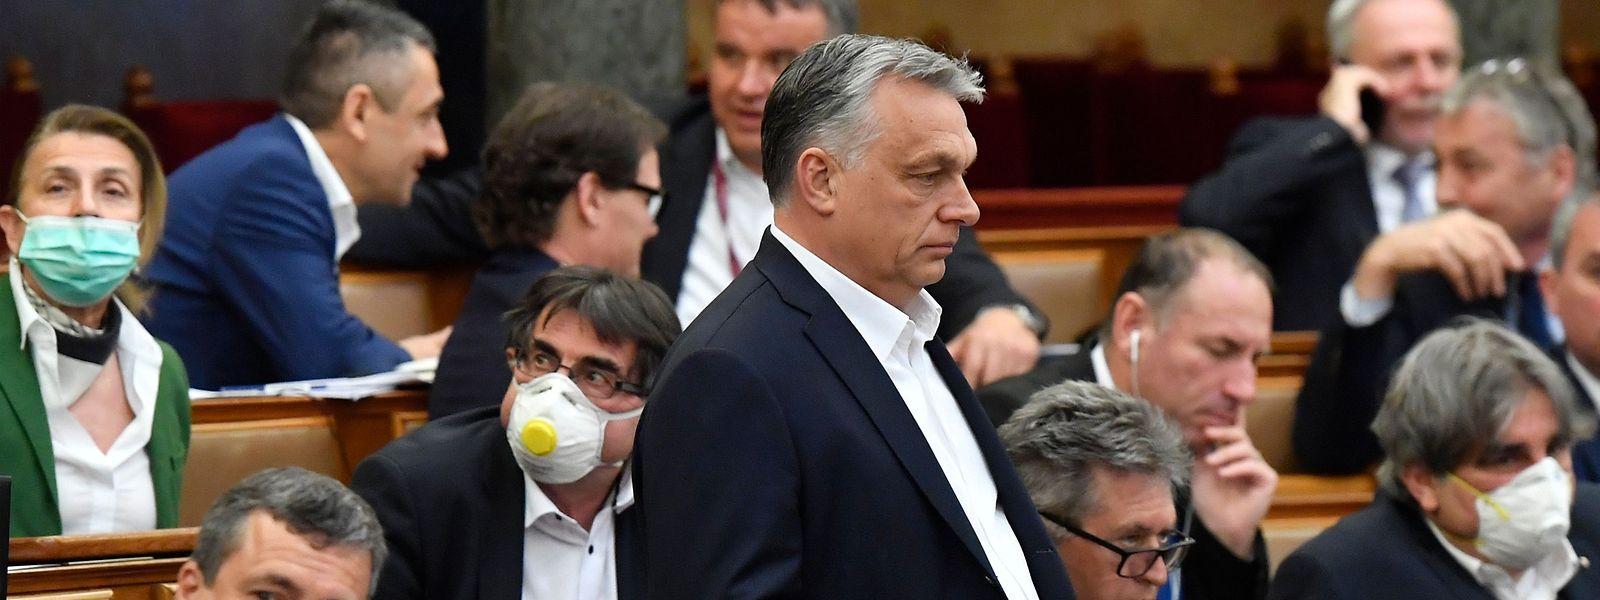 Mit seinem Widerstand gegen den Finanzplan der EU verschärft Viktor Orbán die Brüsseler Krise.